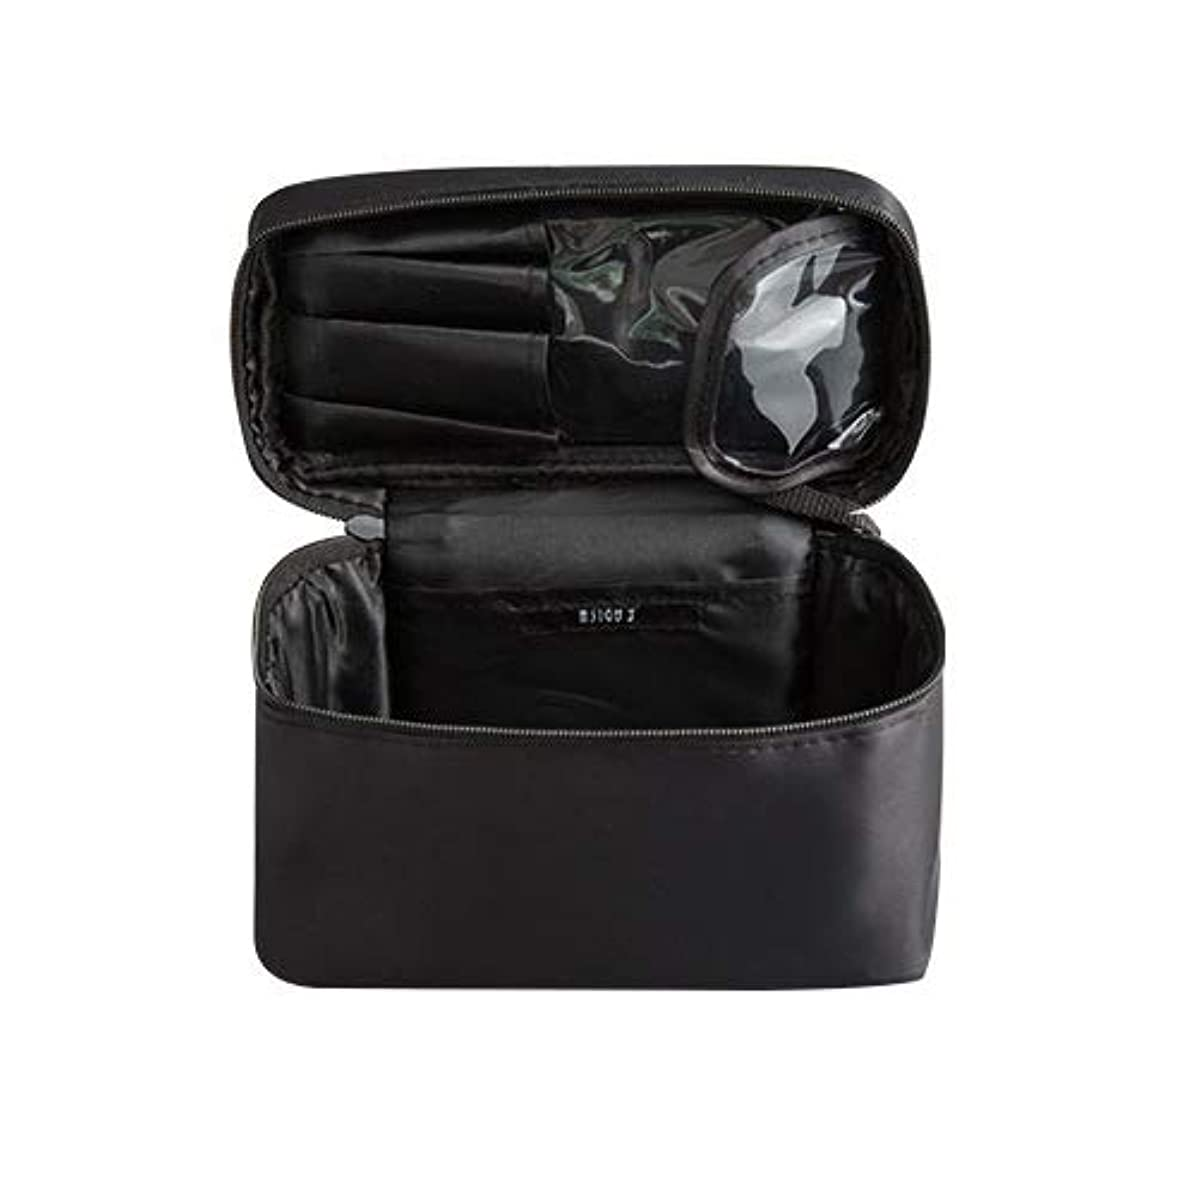 とんでもないパスタビールメイクボックス プロ用 化粧バッグ 化粧箱 大容量 普段使い 出張 旅行 トラベルポーチ